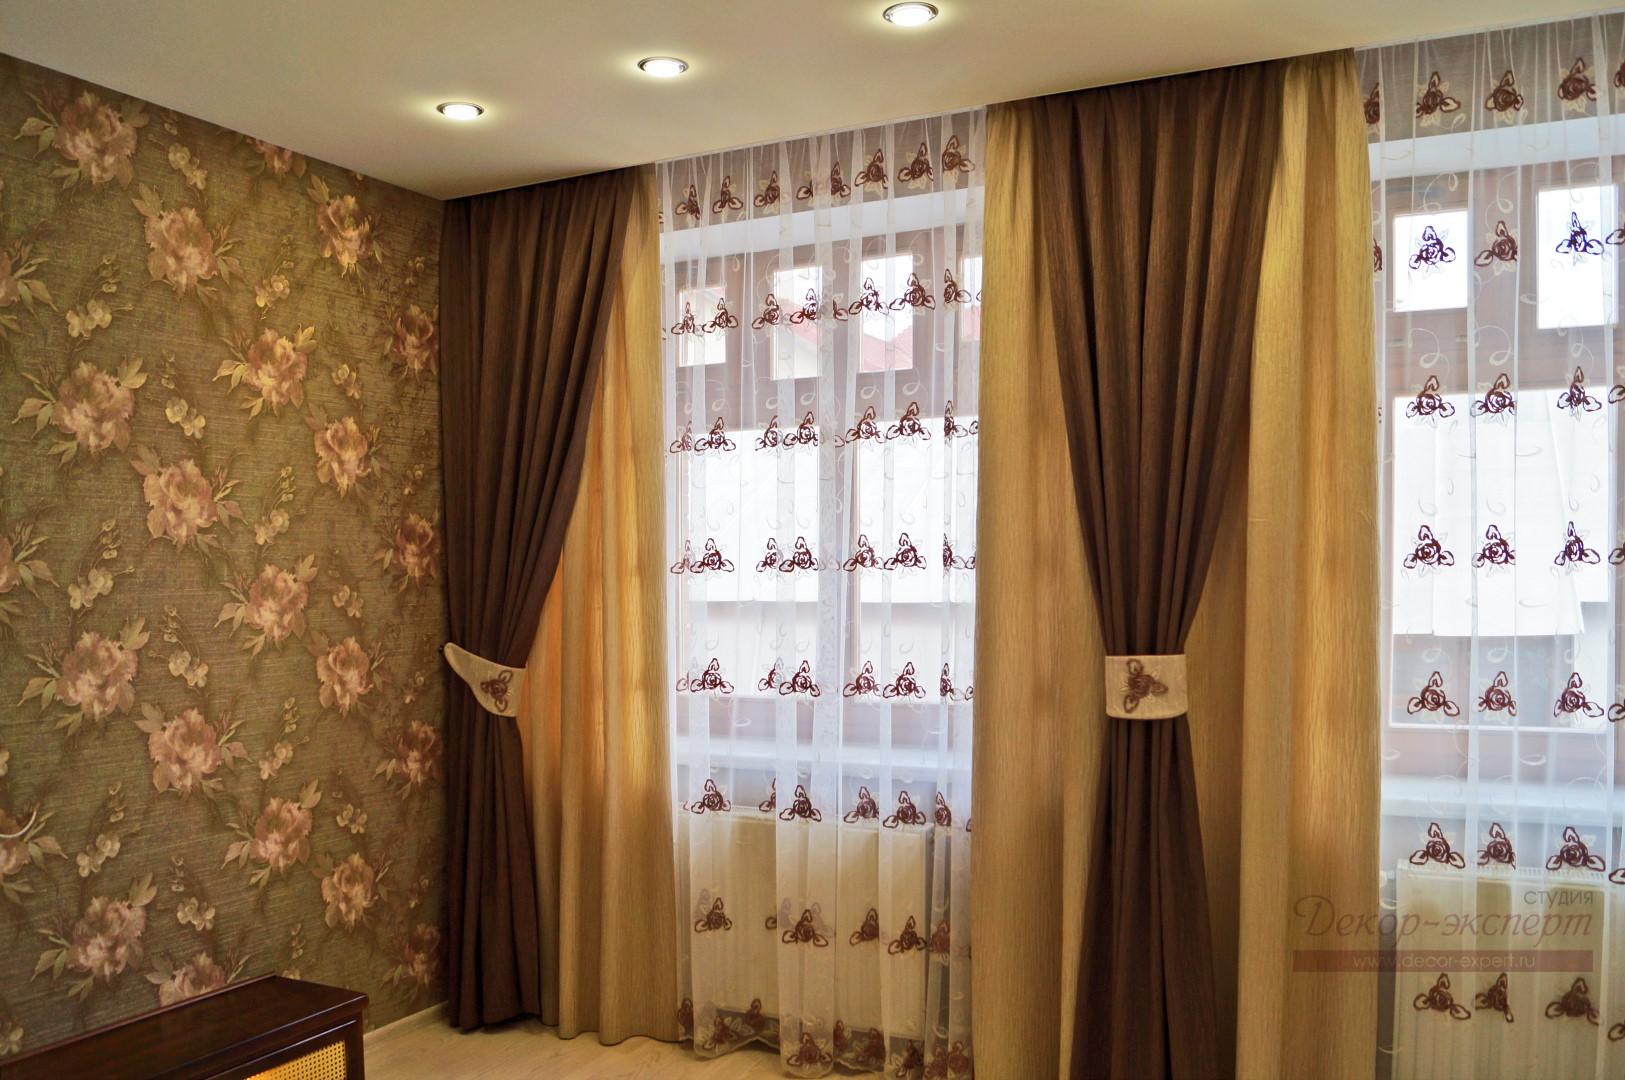 Сочетание обоев с цветочным узором и новых штор в спальне.